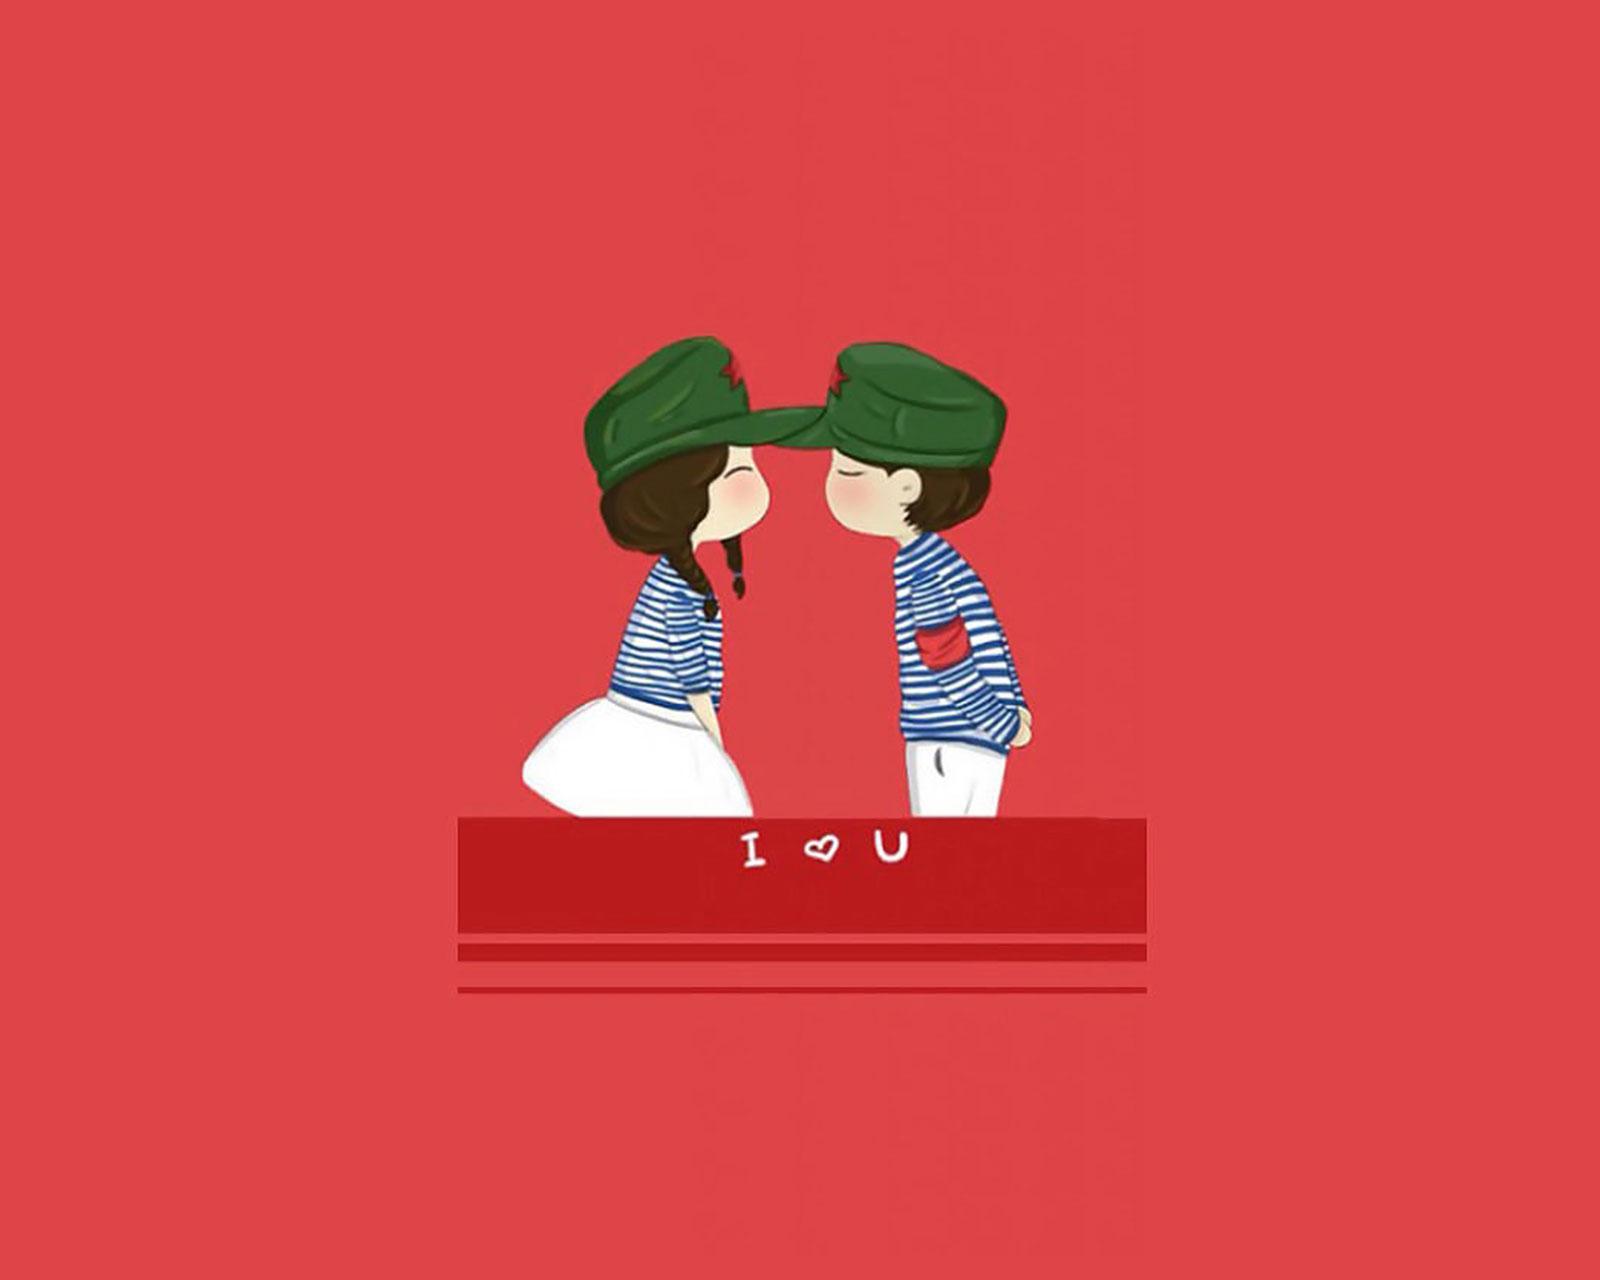 甜蜜情侣安卓手机壁纸下载-安卓网图片